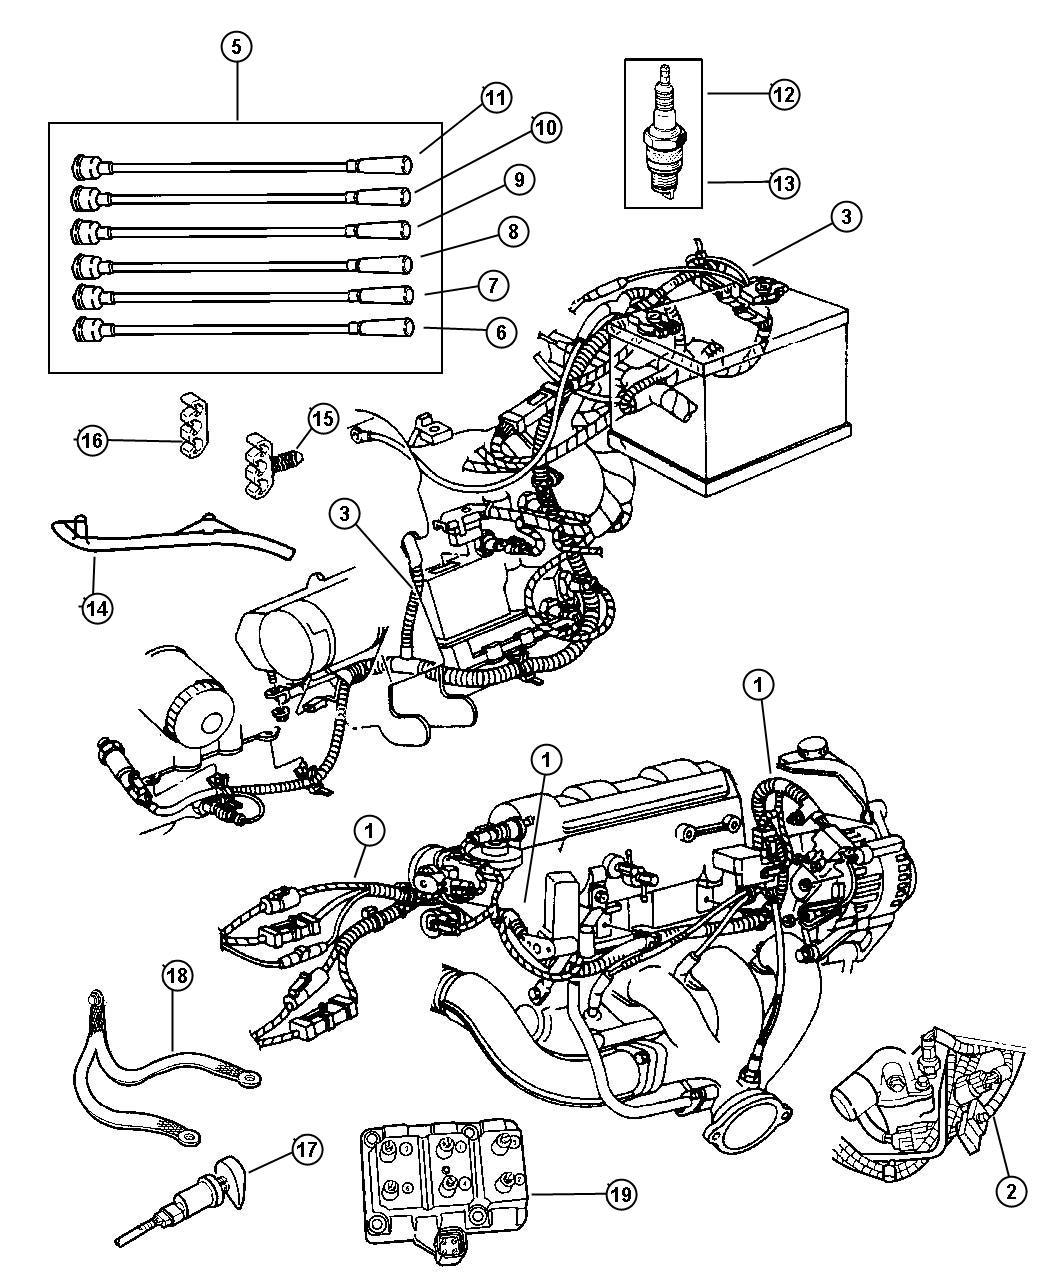 Chrysler Concorde Coil Ignition 6 Cylinder Engine